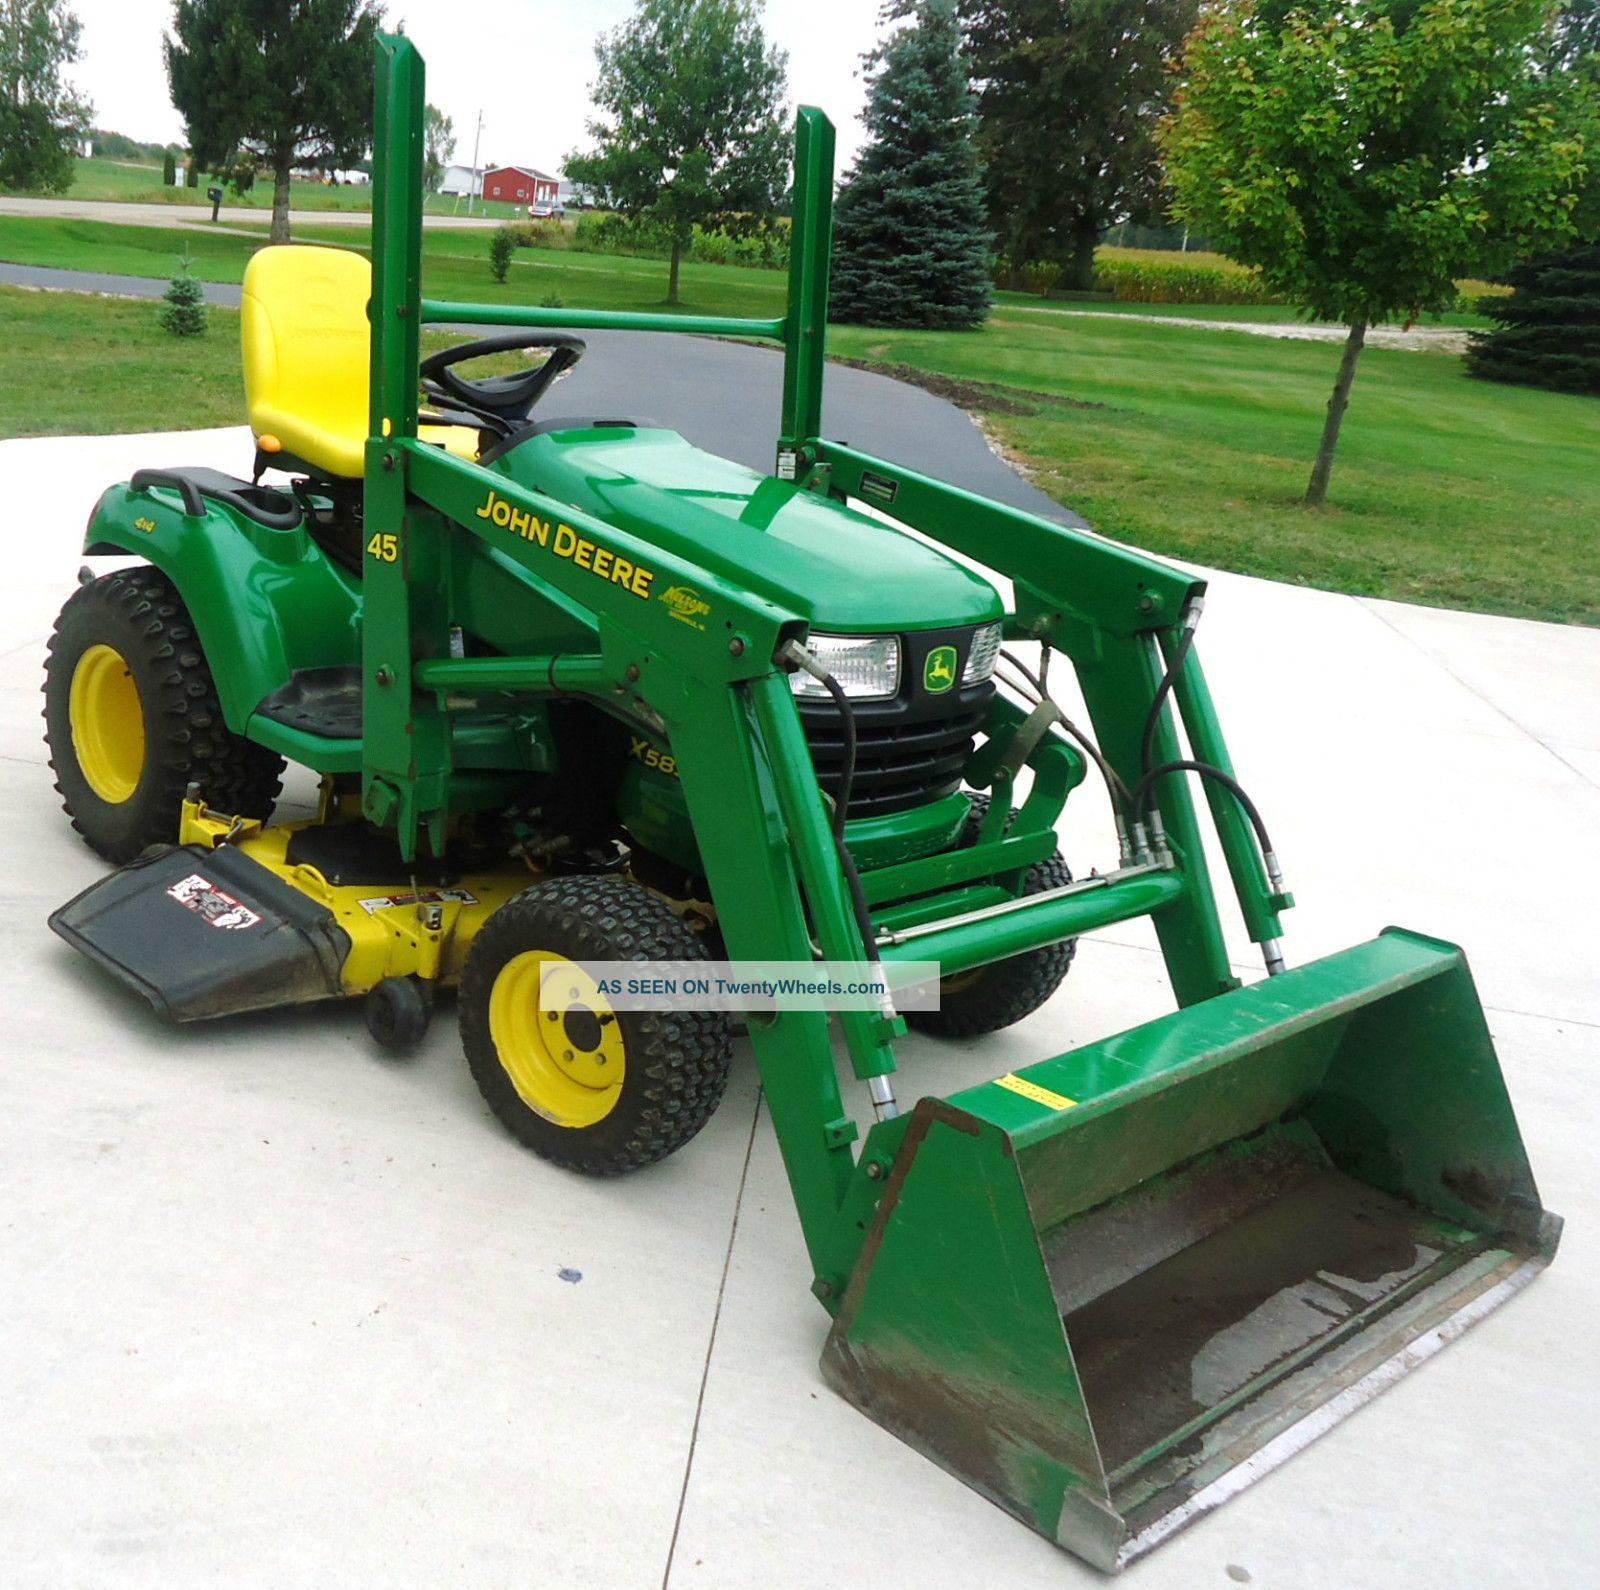 John Deere Garden Tractors 4x4 : John deere garden tractor w loader